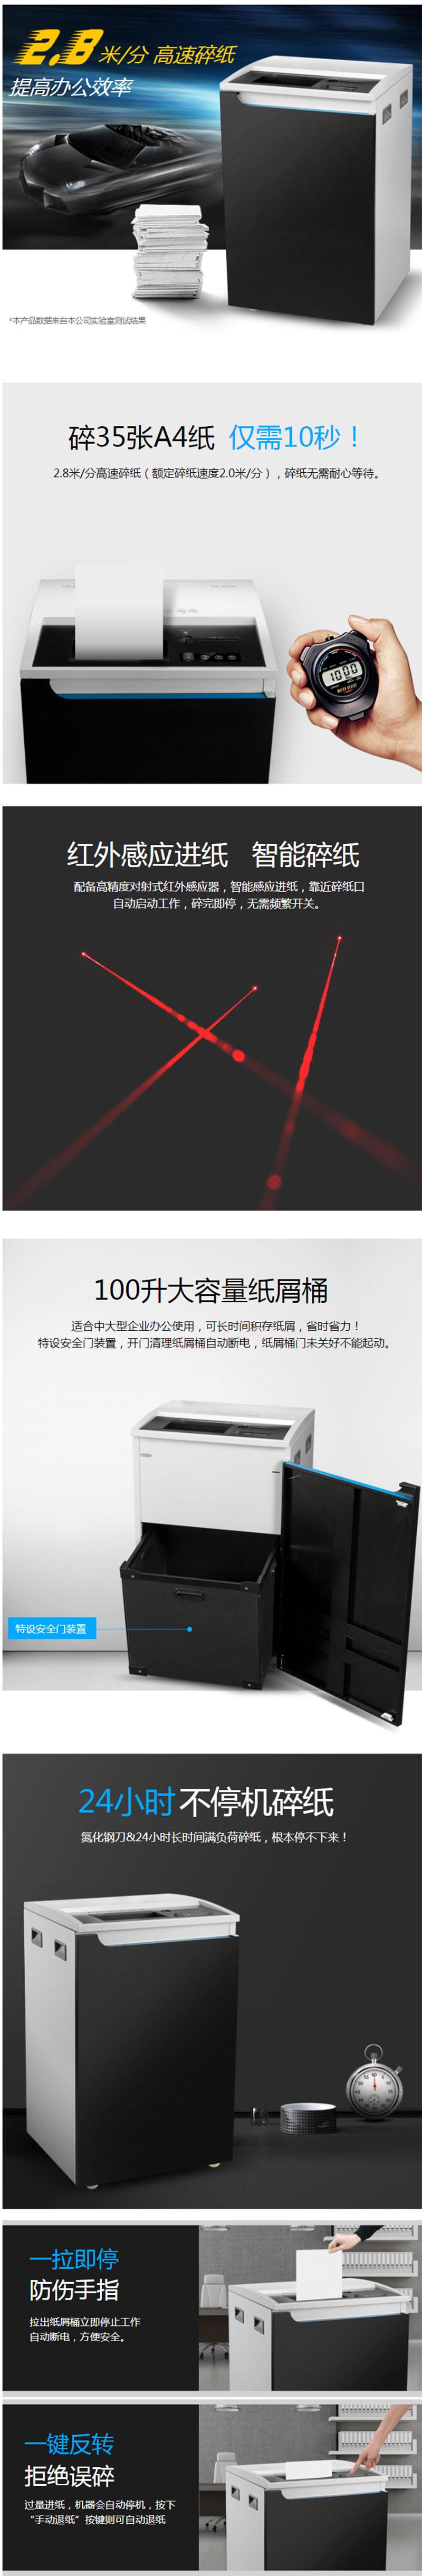 科密 SD-601M 工业型多功能媒介销毁粉碎机 24小时工作 可碎纸/卡/光盘/U盘/移动硬盘/硒鼓